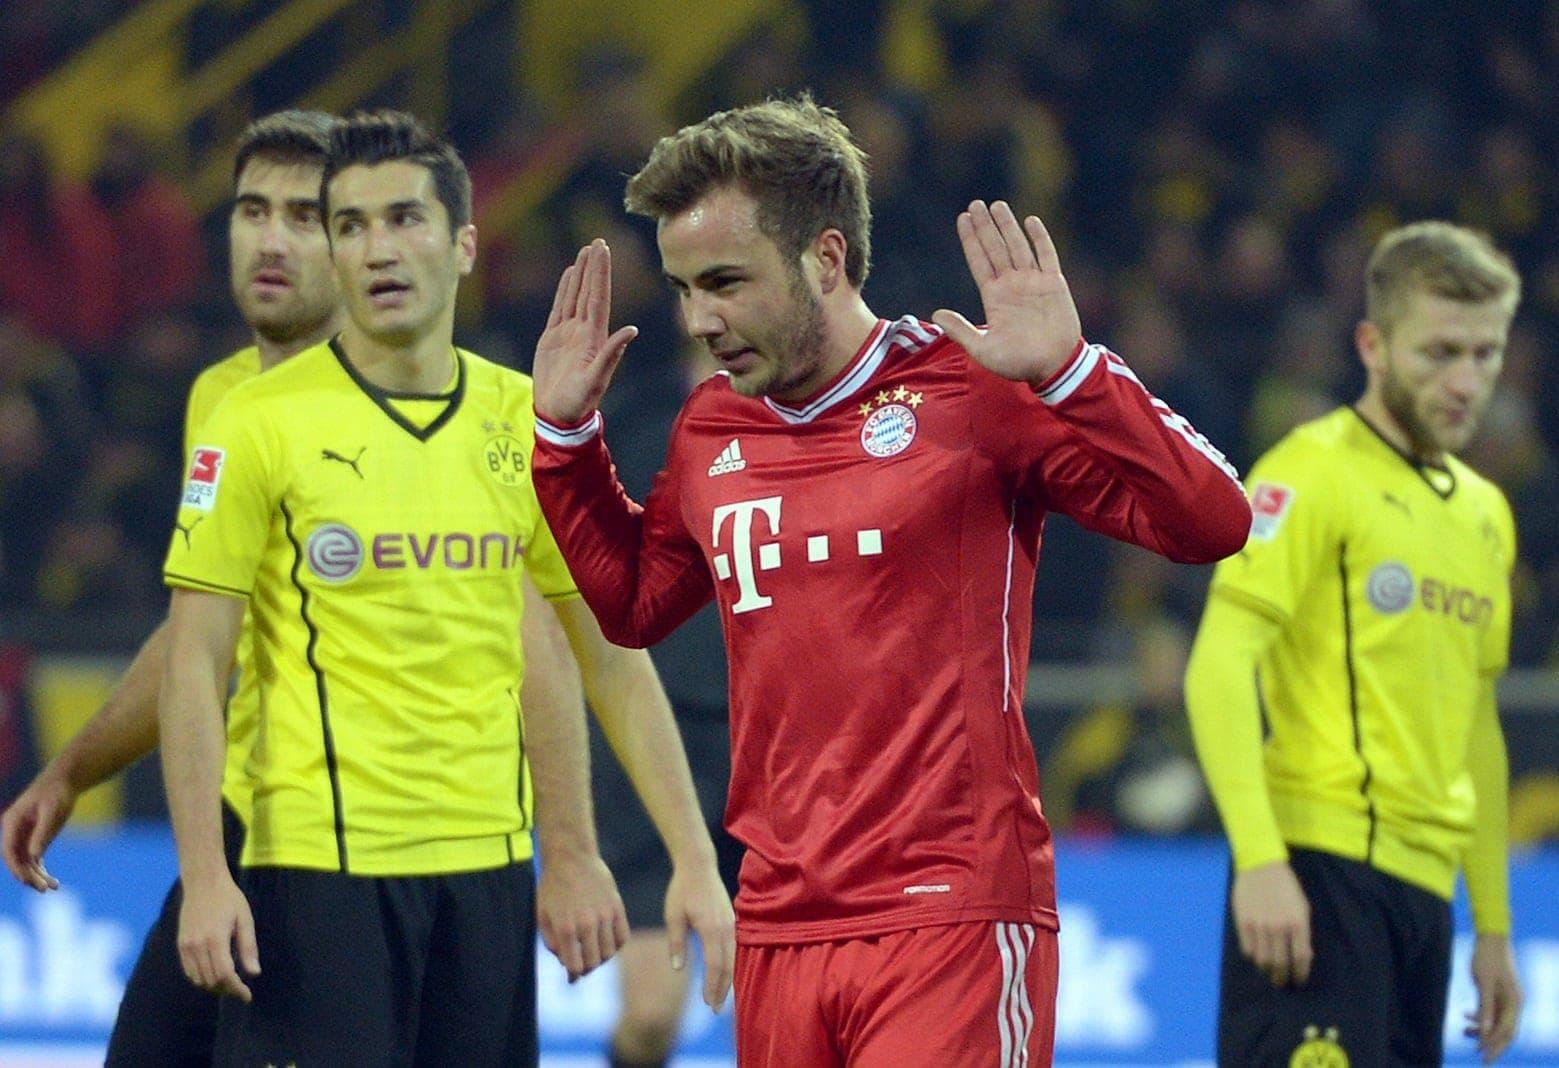 Transfer der Saison? Spekulation über Götze-Rückkehr zum FC Bayern